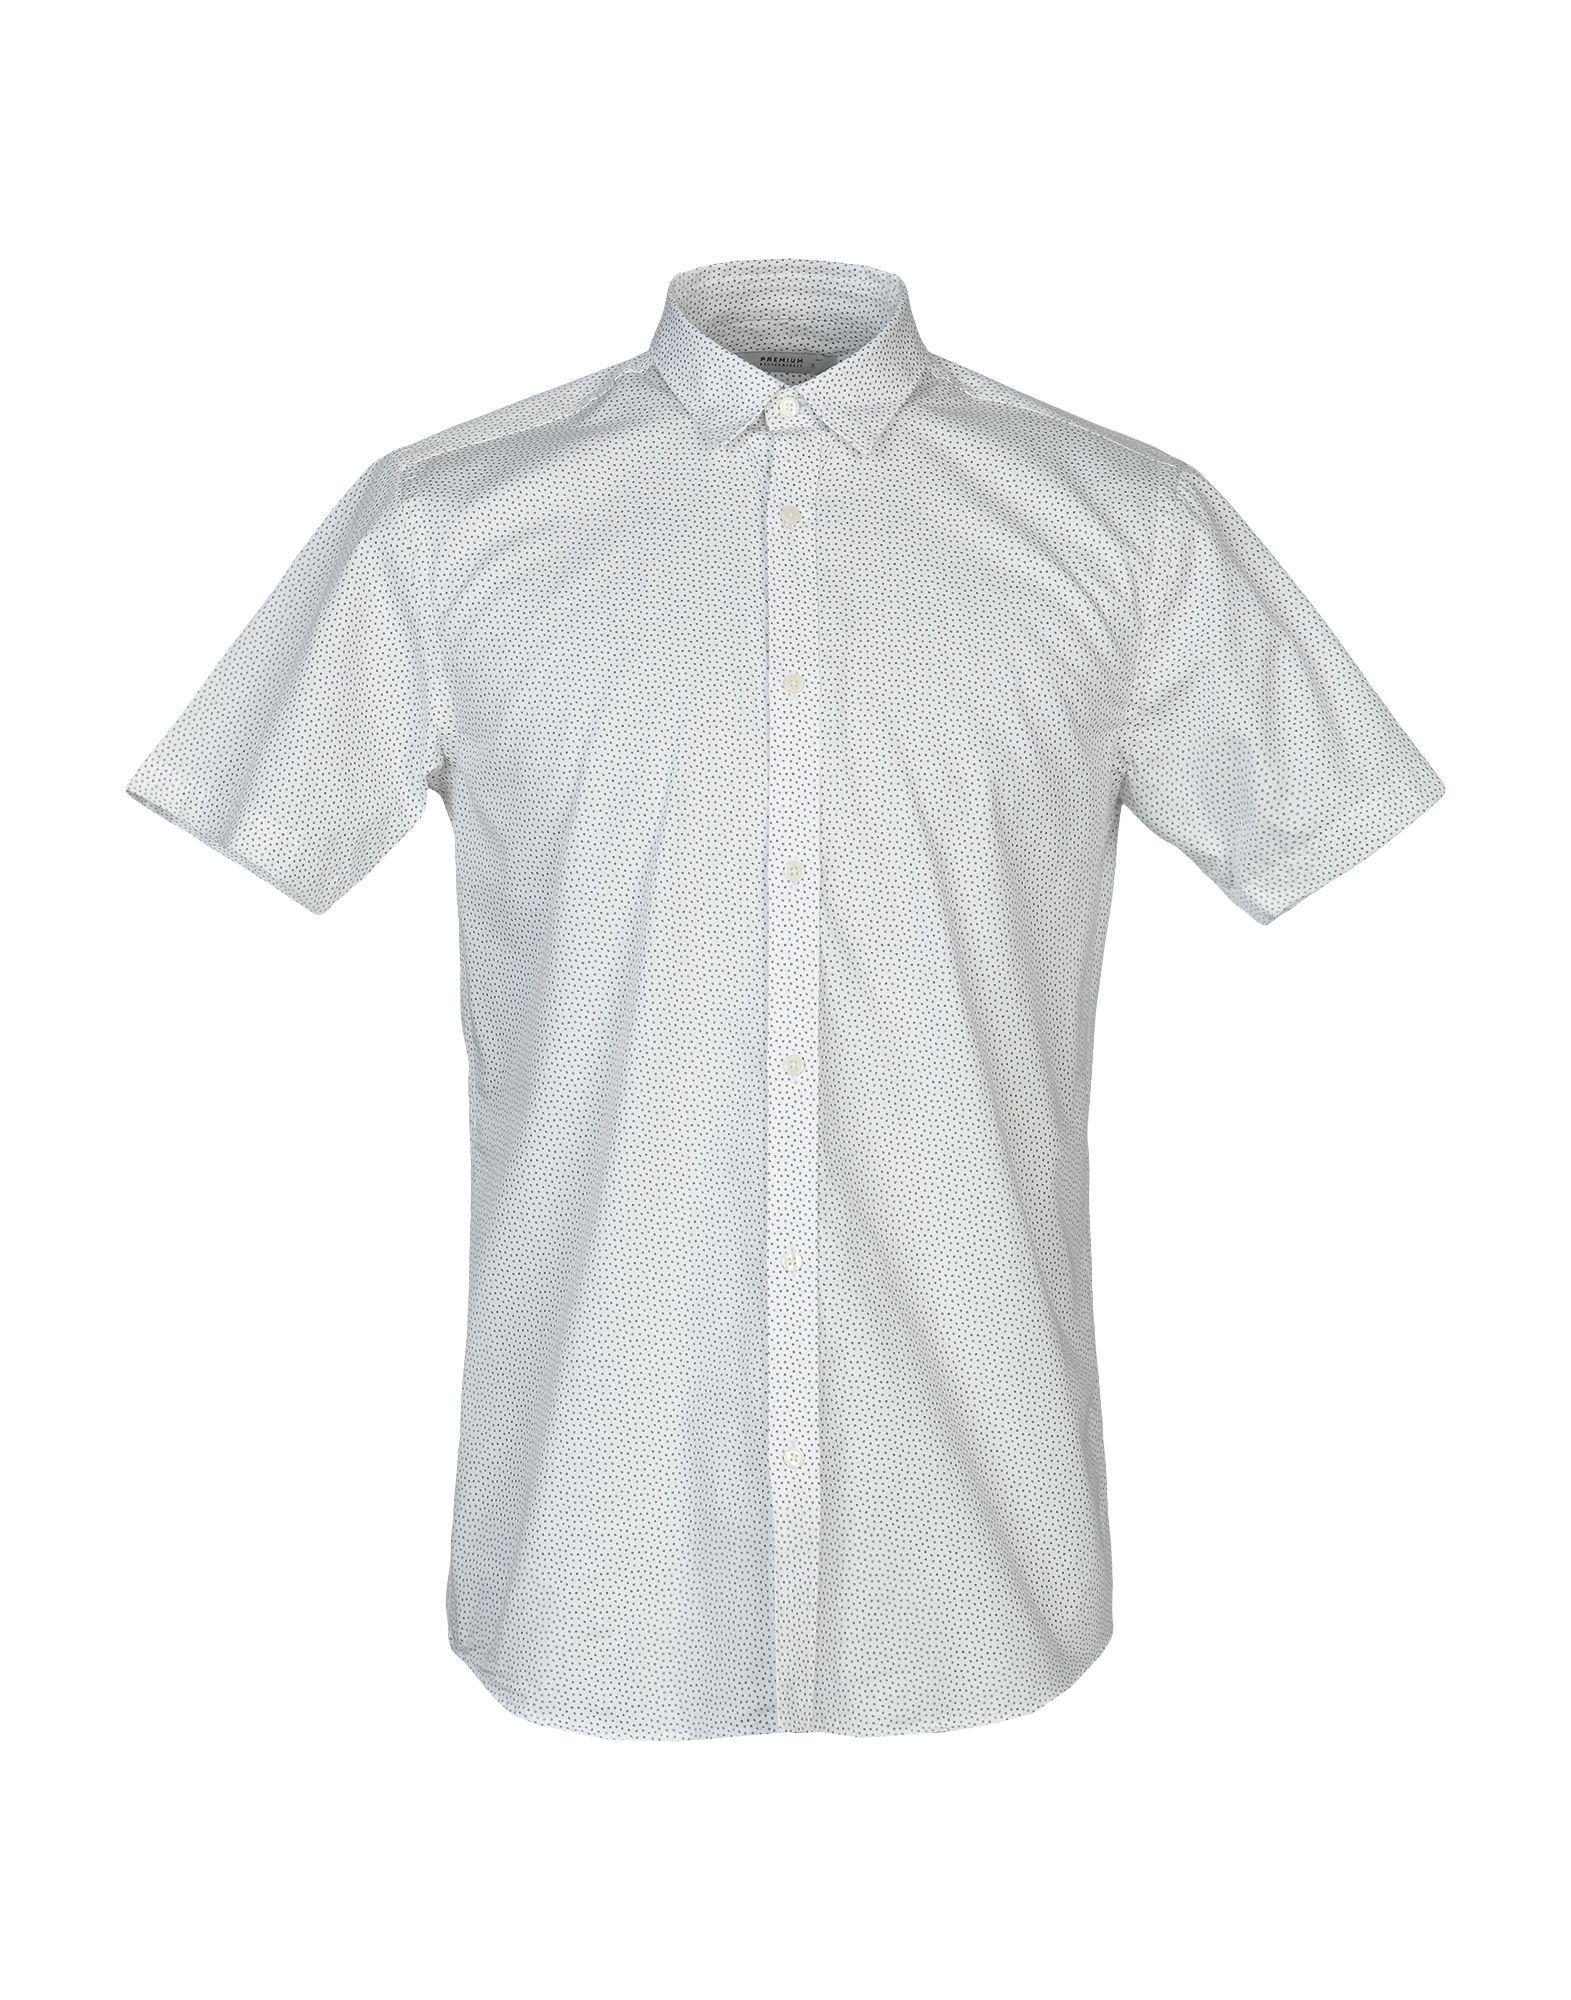 《送料無料》JACK & JONES PREMIUM メンズ シャツ ホワイト M コットン 100%